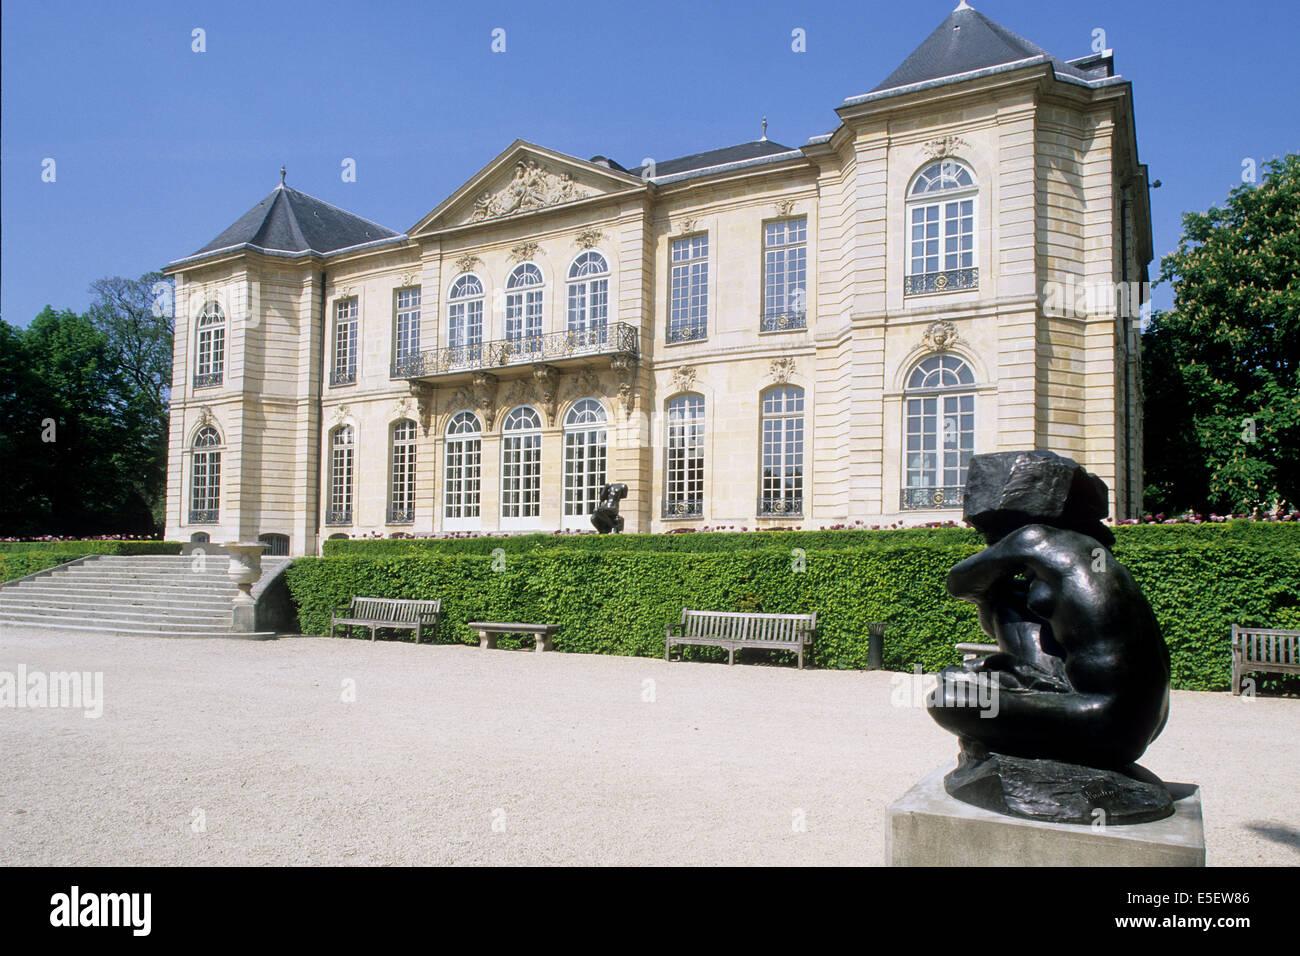 France Paris 7e Faubourg Saint Germain 79 Rue De Varenne Hotel Biron Musee Rodin Particulier Facade Sur Jardin Oeuvre Protegee Sculpture